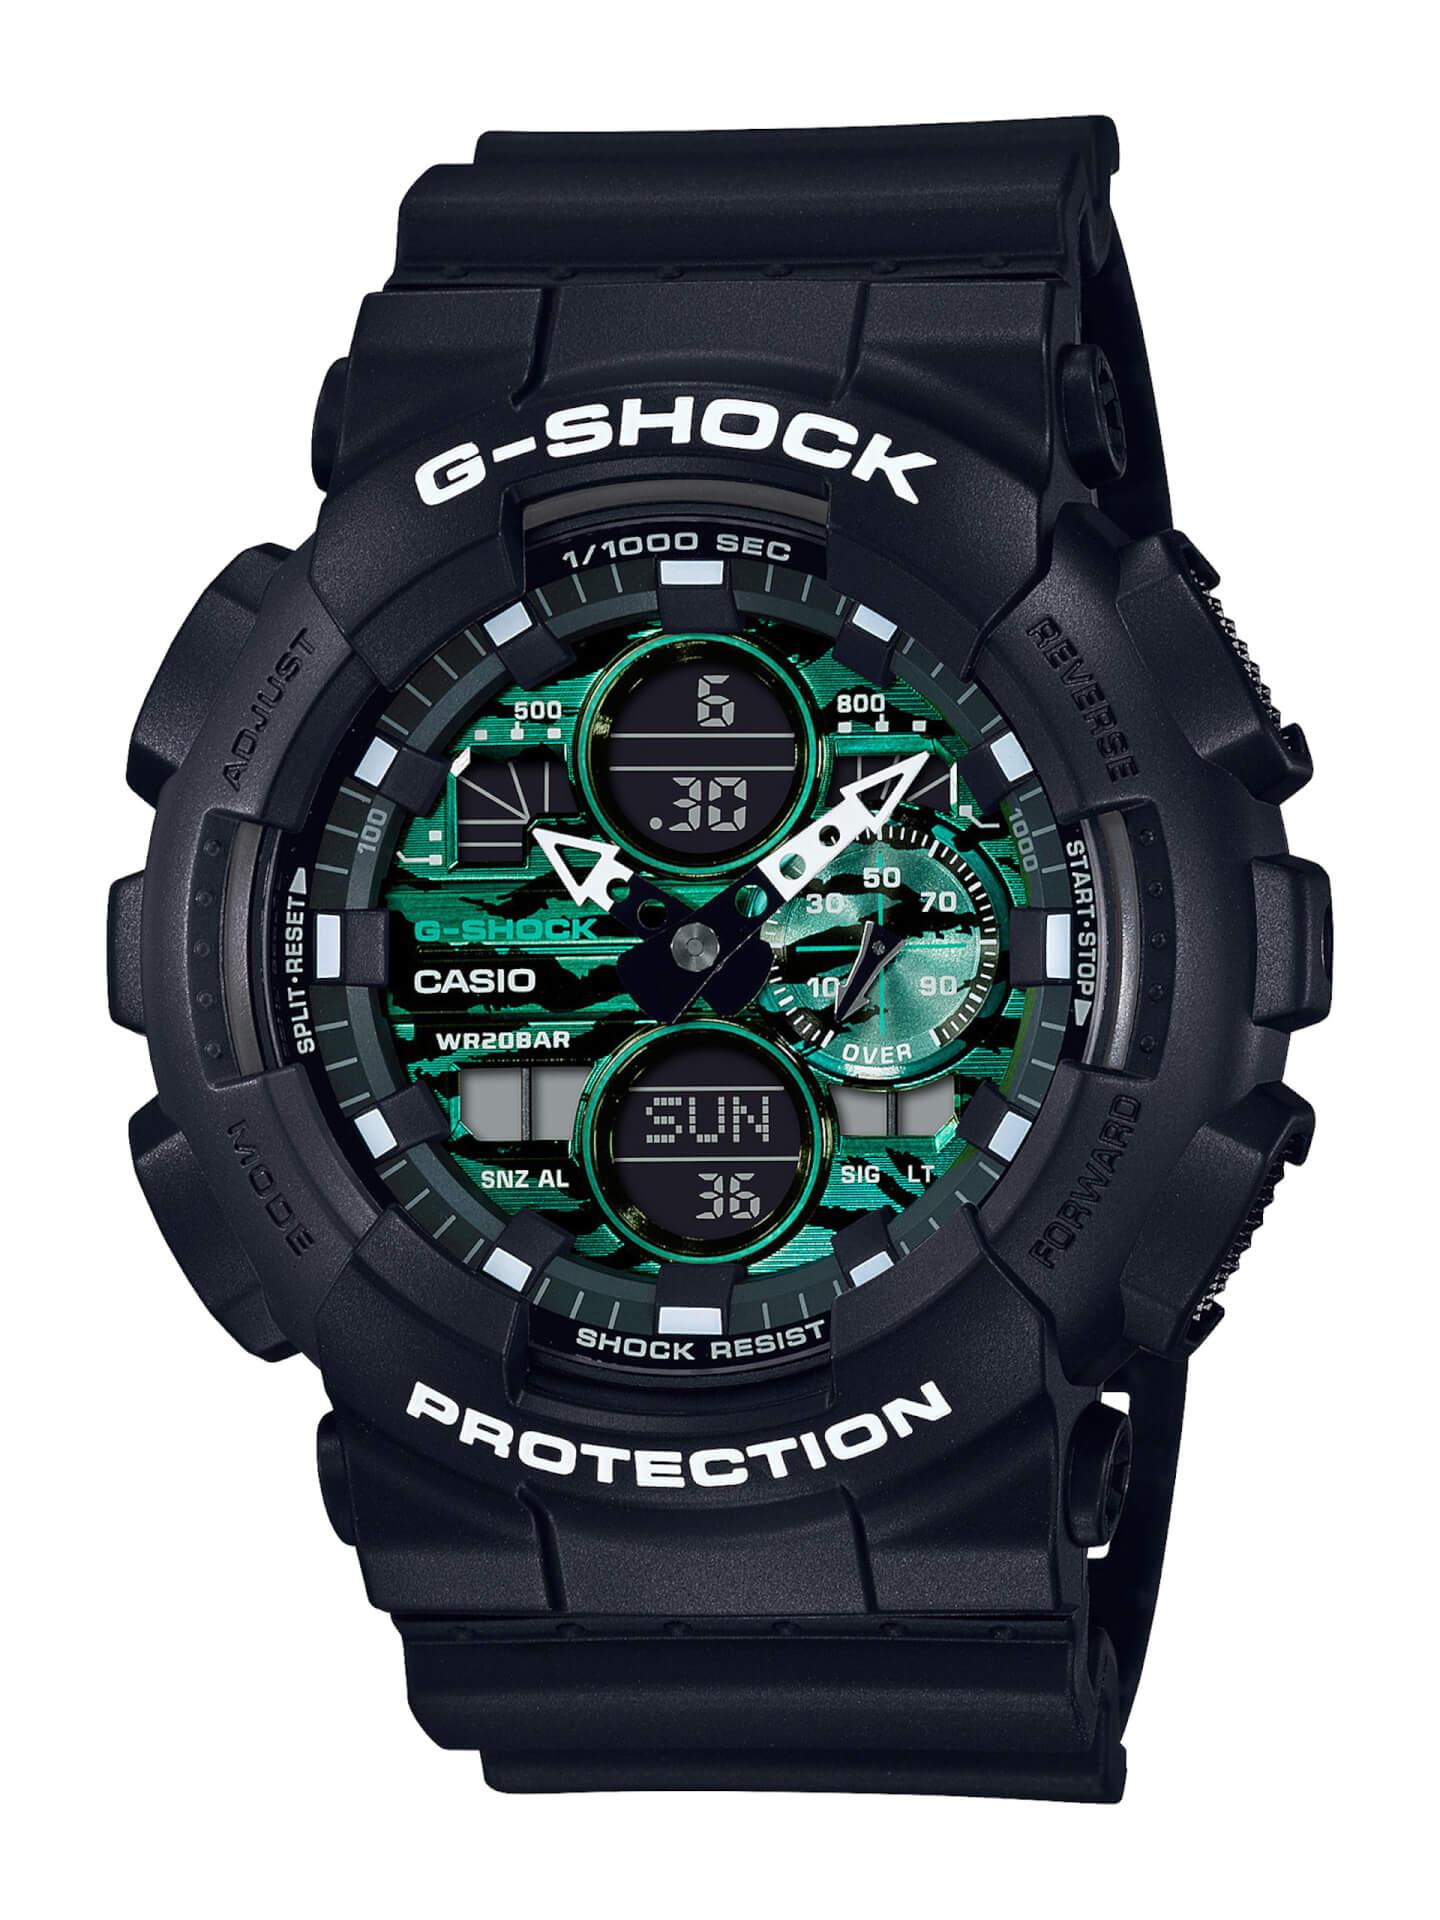 ブラック×グリーンが映えるG-SHOCKの新シリーズ「Black and Green Series」が登場! tech210415_gshock_3